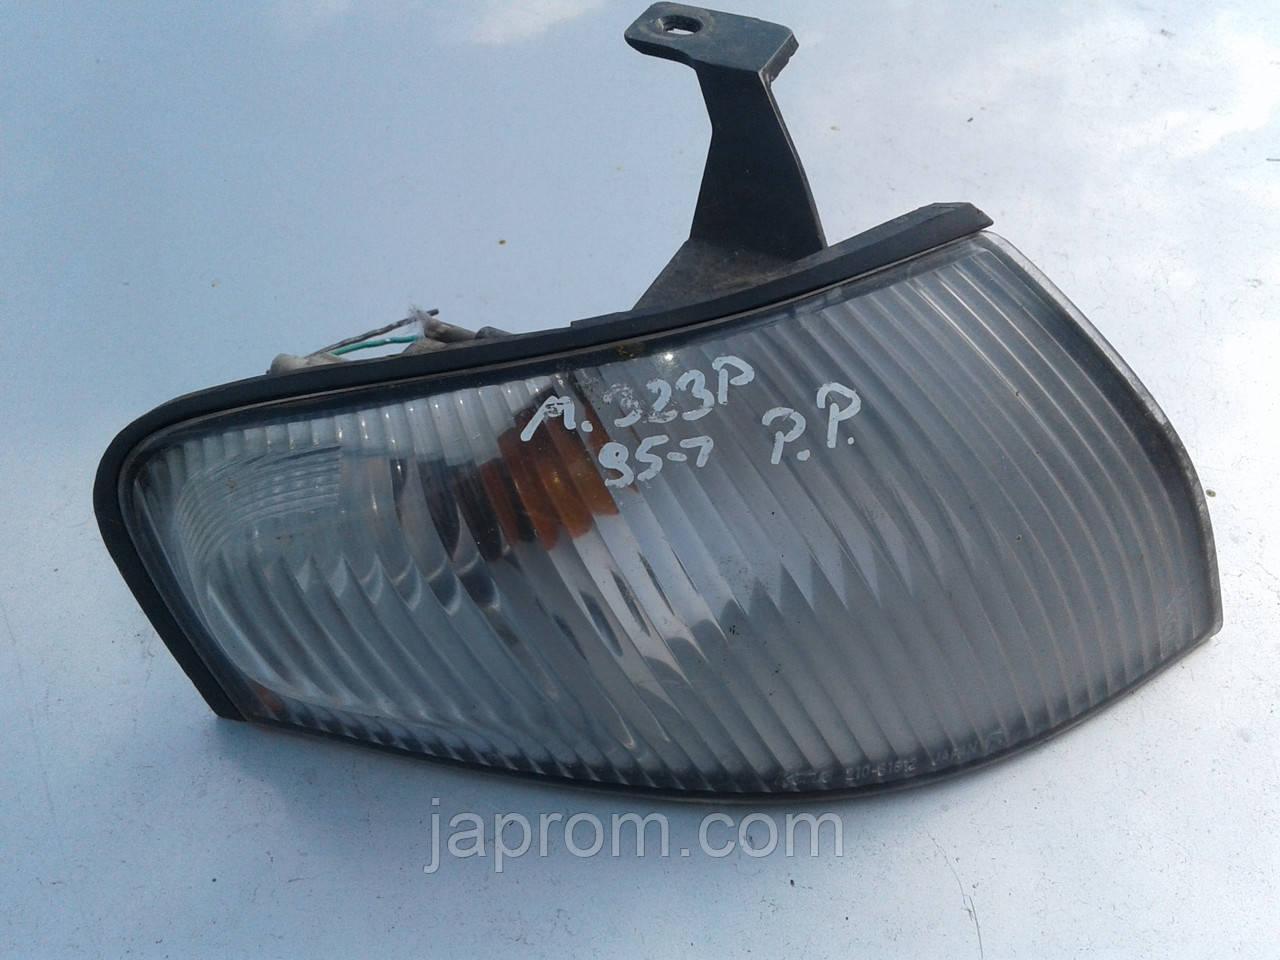 Указатель поворота(поворот) правый Mazda 323 PBA 1994-1997г.в.